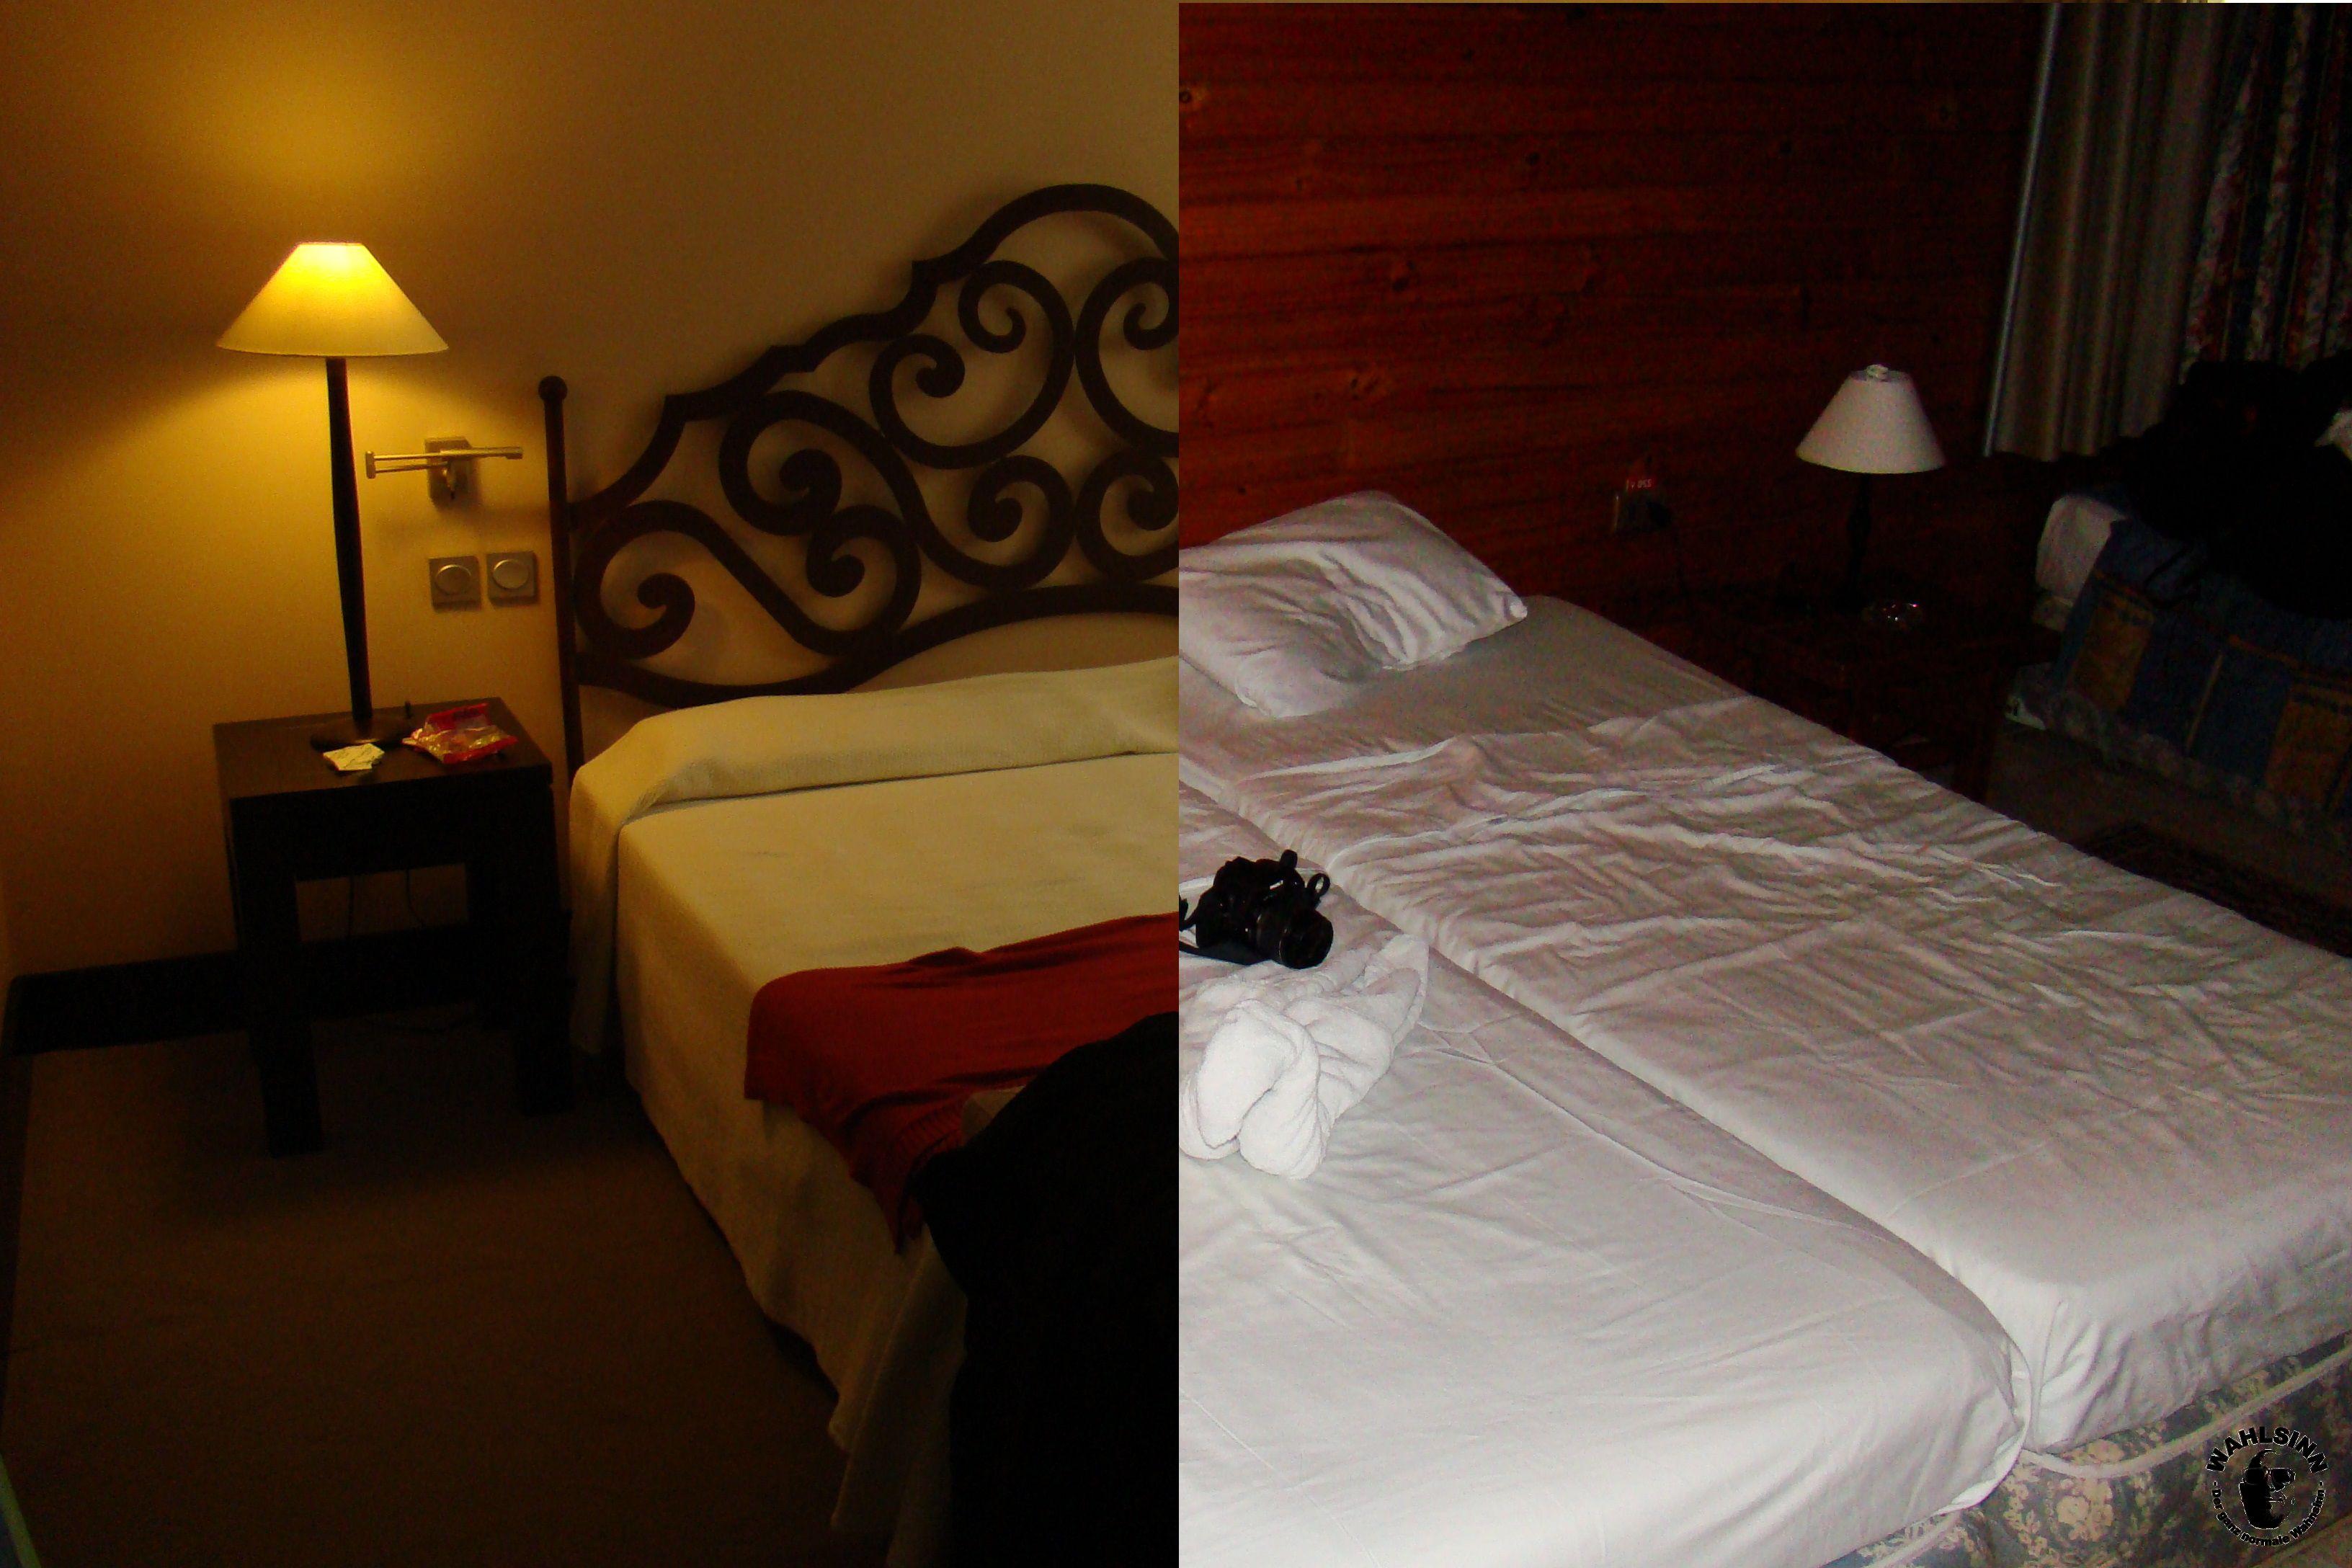 Urlaubsrecht - Reiseveranstalter darf nicht einfach ein anderes Hotel buchen